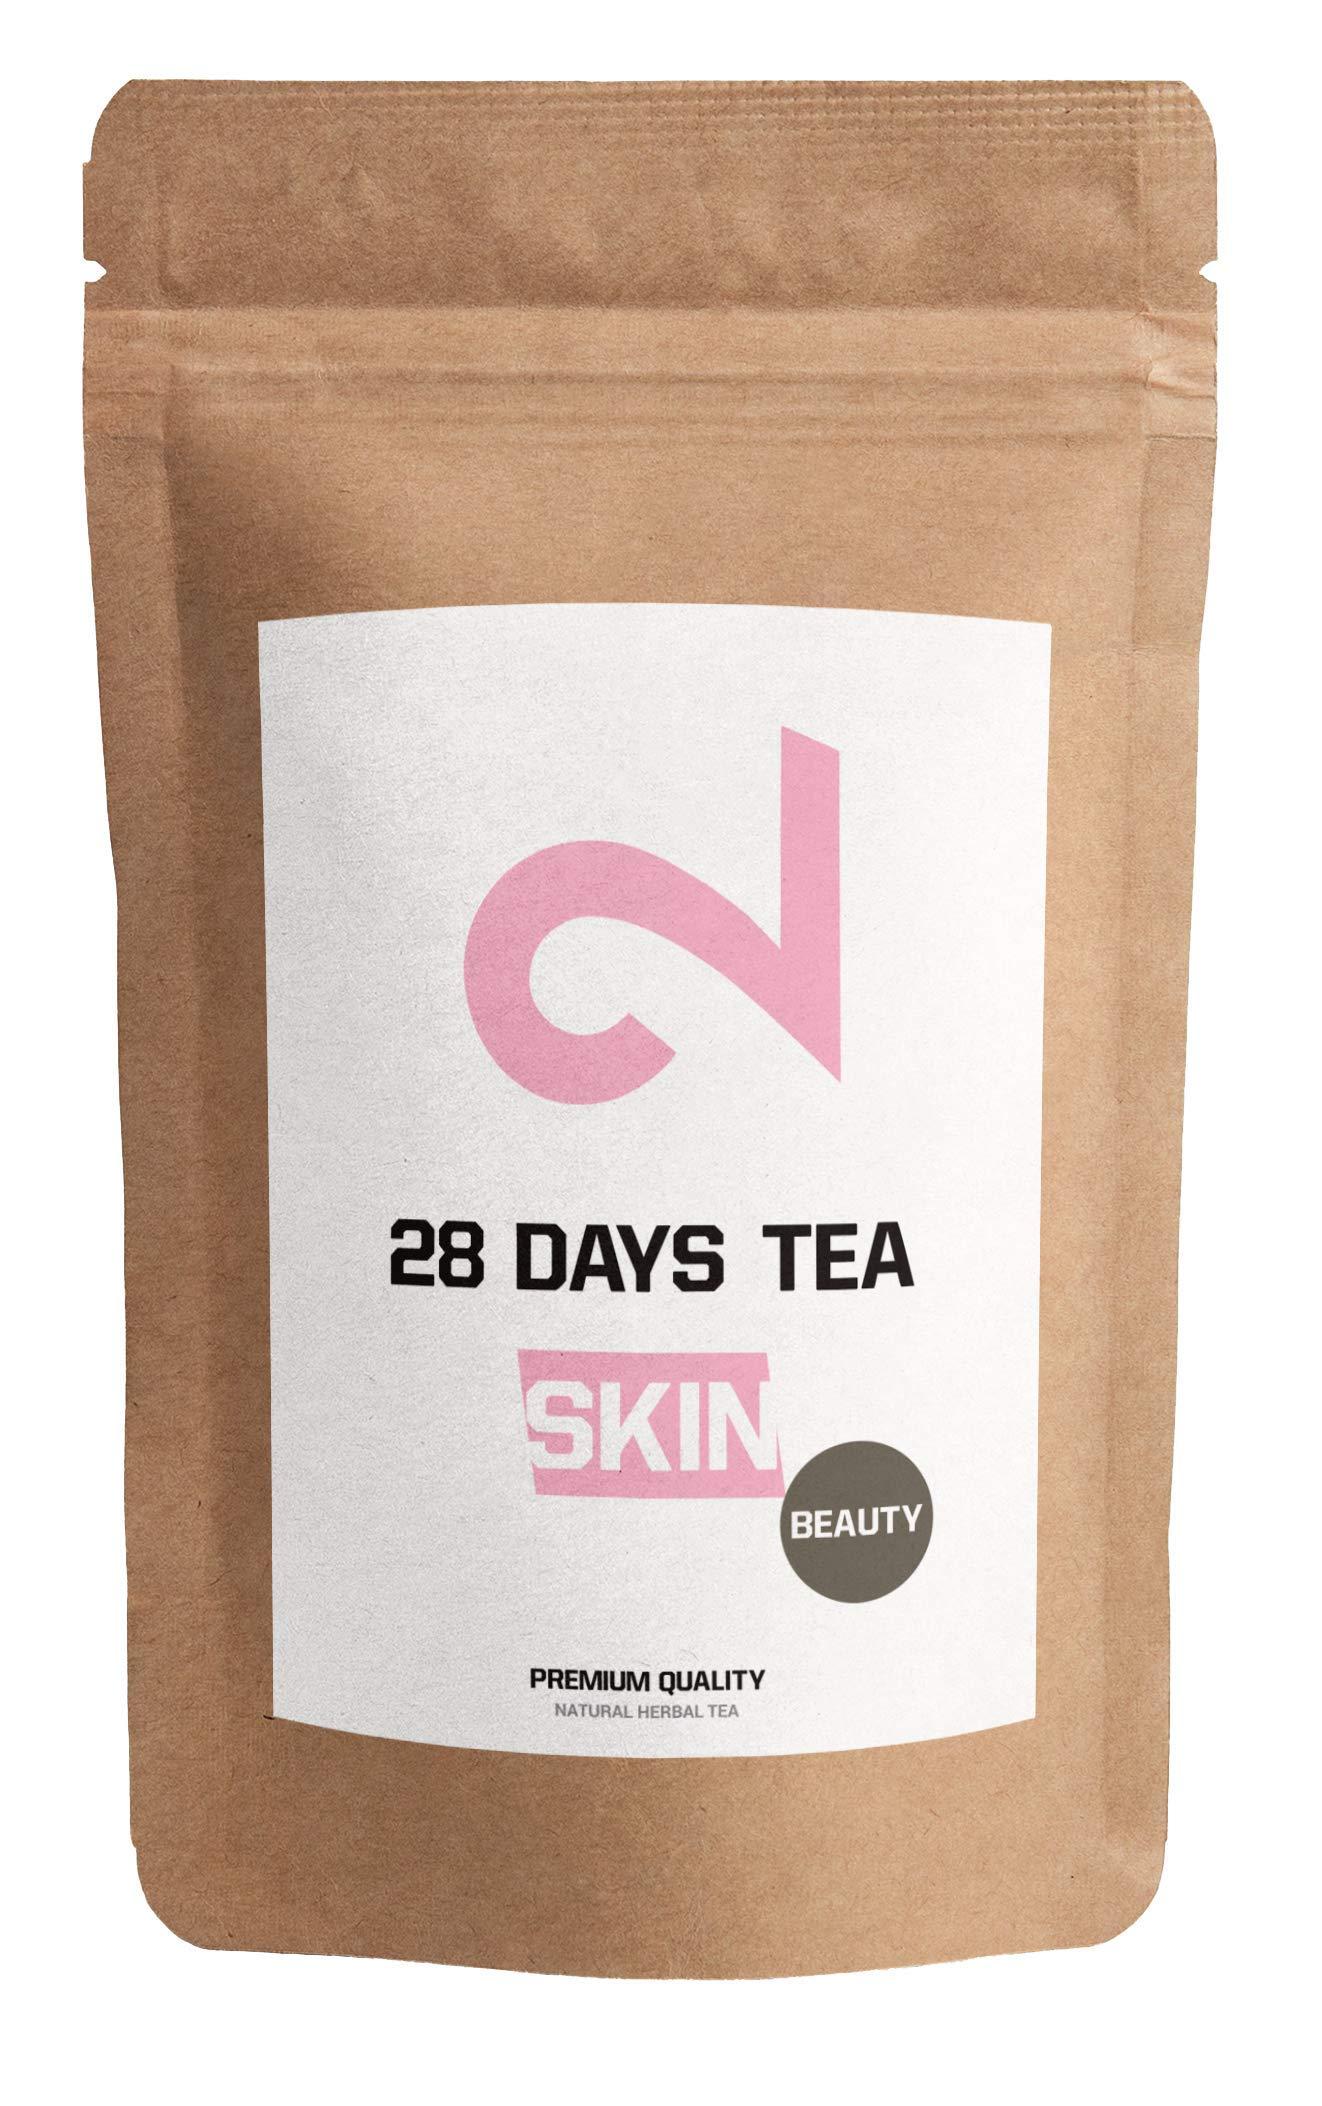 DUAL-Skin-28-Days-Beauty-Tea-100-natrlich-100g-loser-Tee-Pfirsichgeschmack-Ohne-Zustze-Ohne-zucker-Vitamin-angereichert-Vegan-Labor-zertifiziert-In-Europa-hergestellt